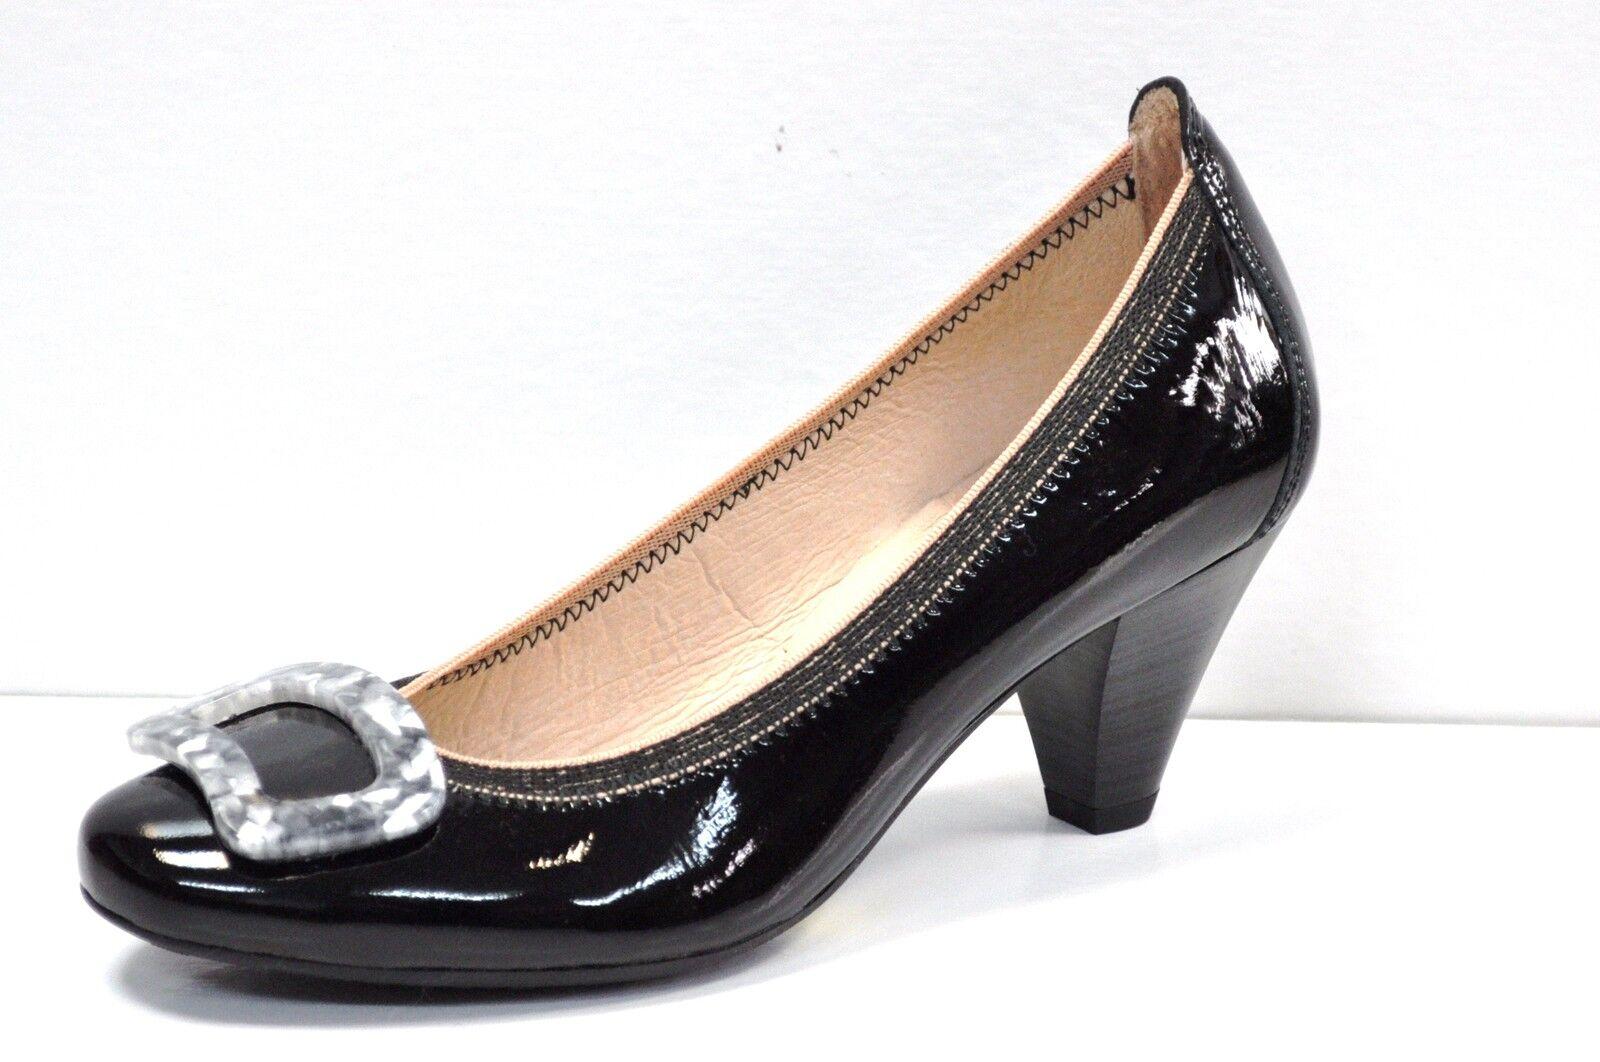 Escarpins hispanitas réf tilo hv51269    vernis noir du 35 au 41 très confortable e30877